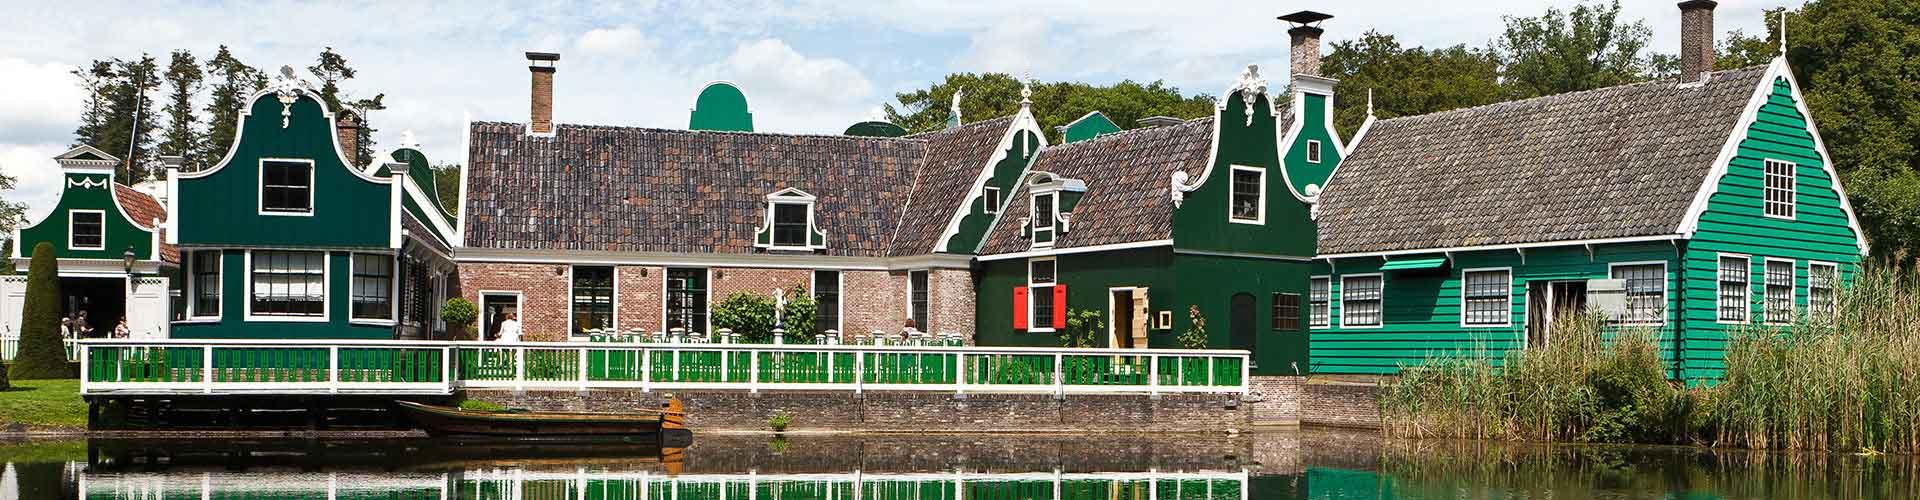 Arnhem - Habitaciones en Arnhem. Mapas de Arnhem, Fotos y comentarios de cada Habitación en Arnhem.